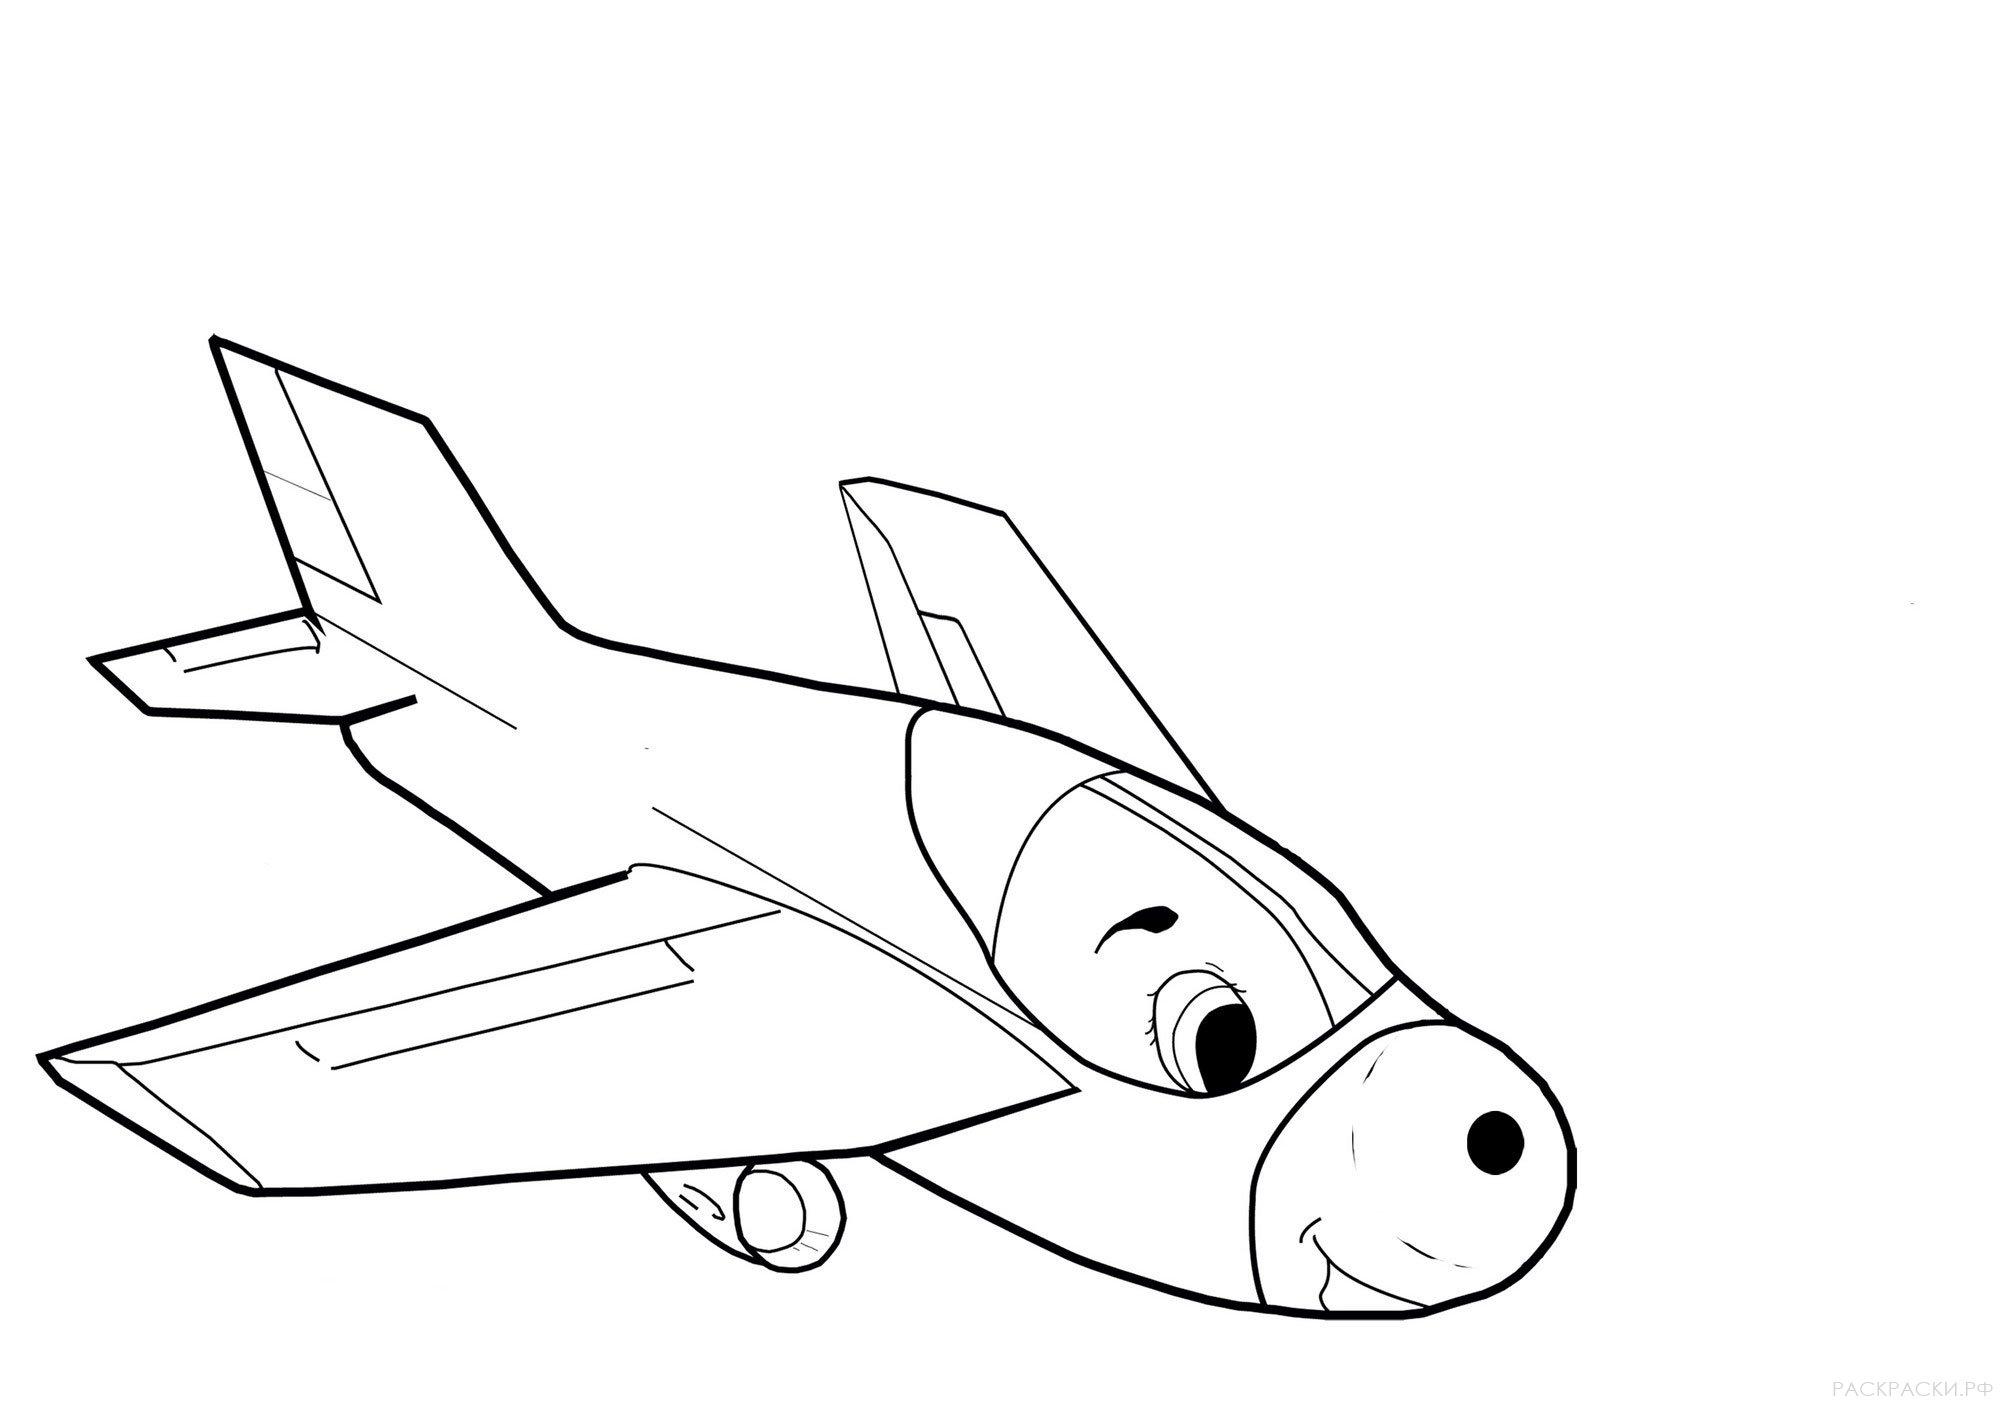 итоге, картинка самолет раскрасить авторитетами